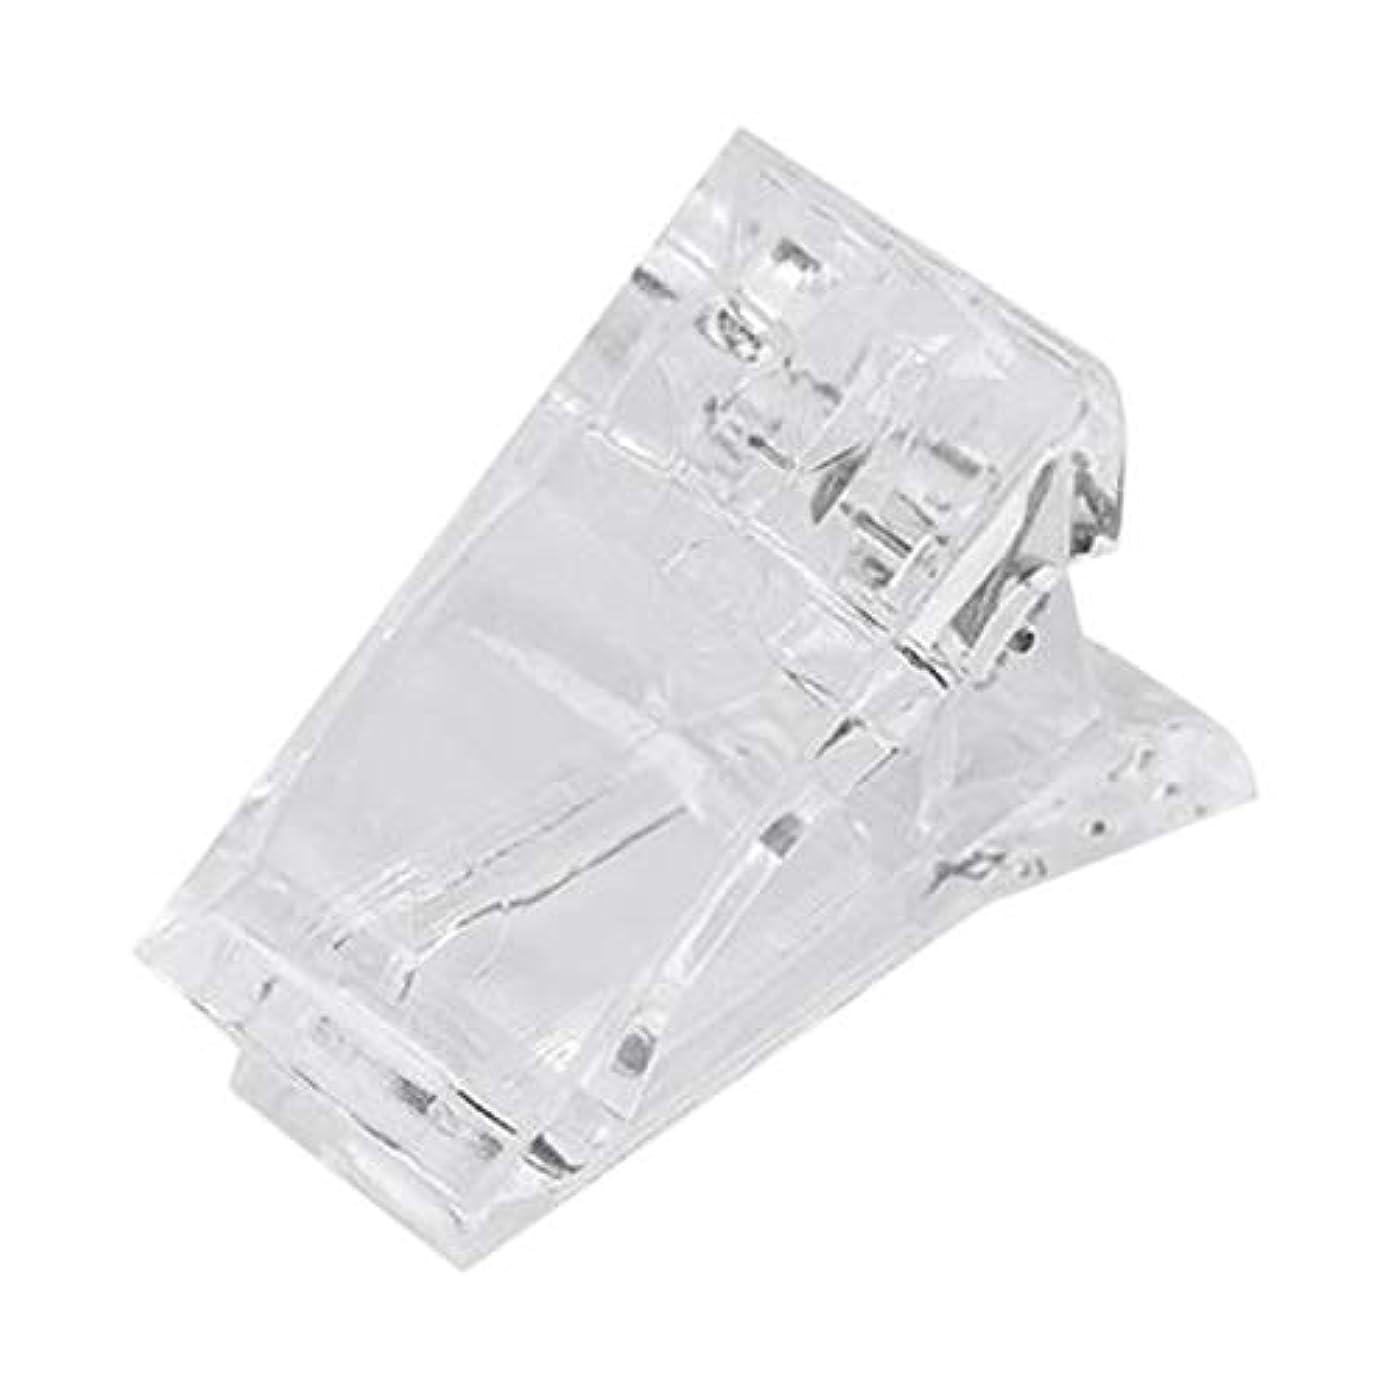 たっぷり床を掃除する夕食を食べるTOOGOO ネイルのクリップ 透明指ポリクイック ビルディングジェルエクステンション ネイルアート マニキュアツール アクセサリー 偽ネイル